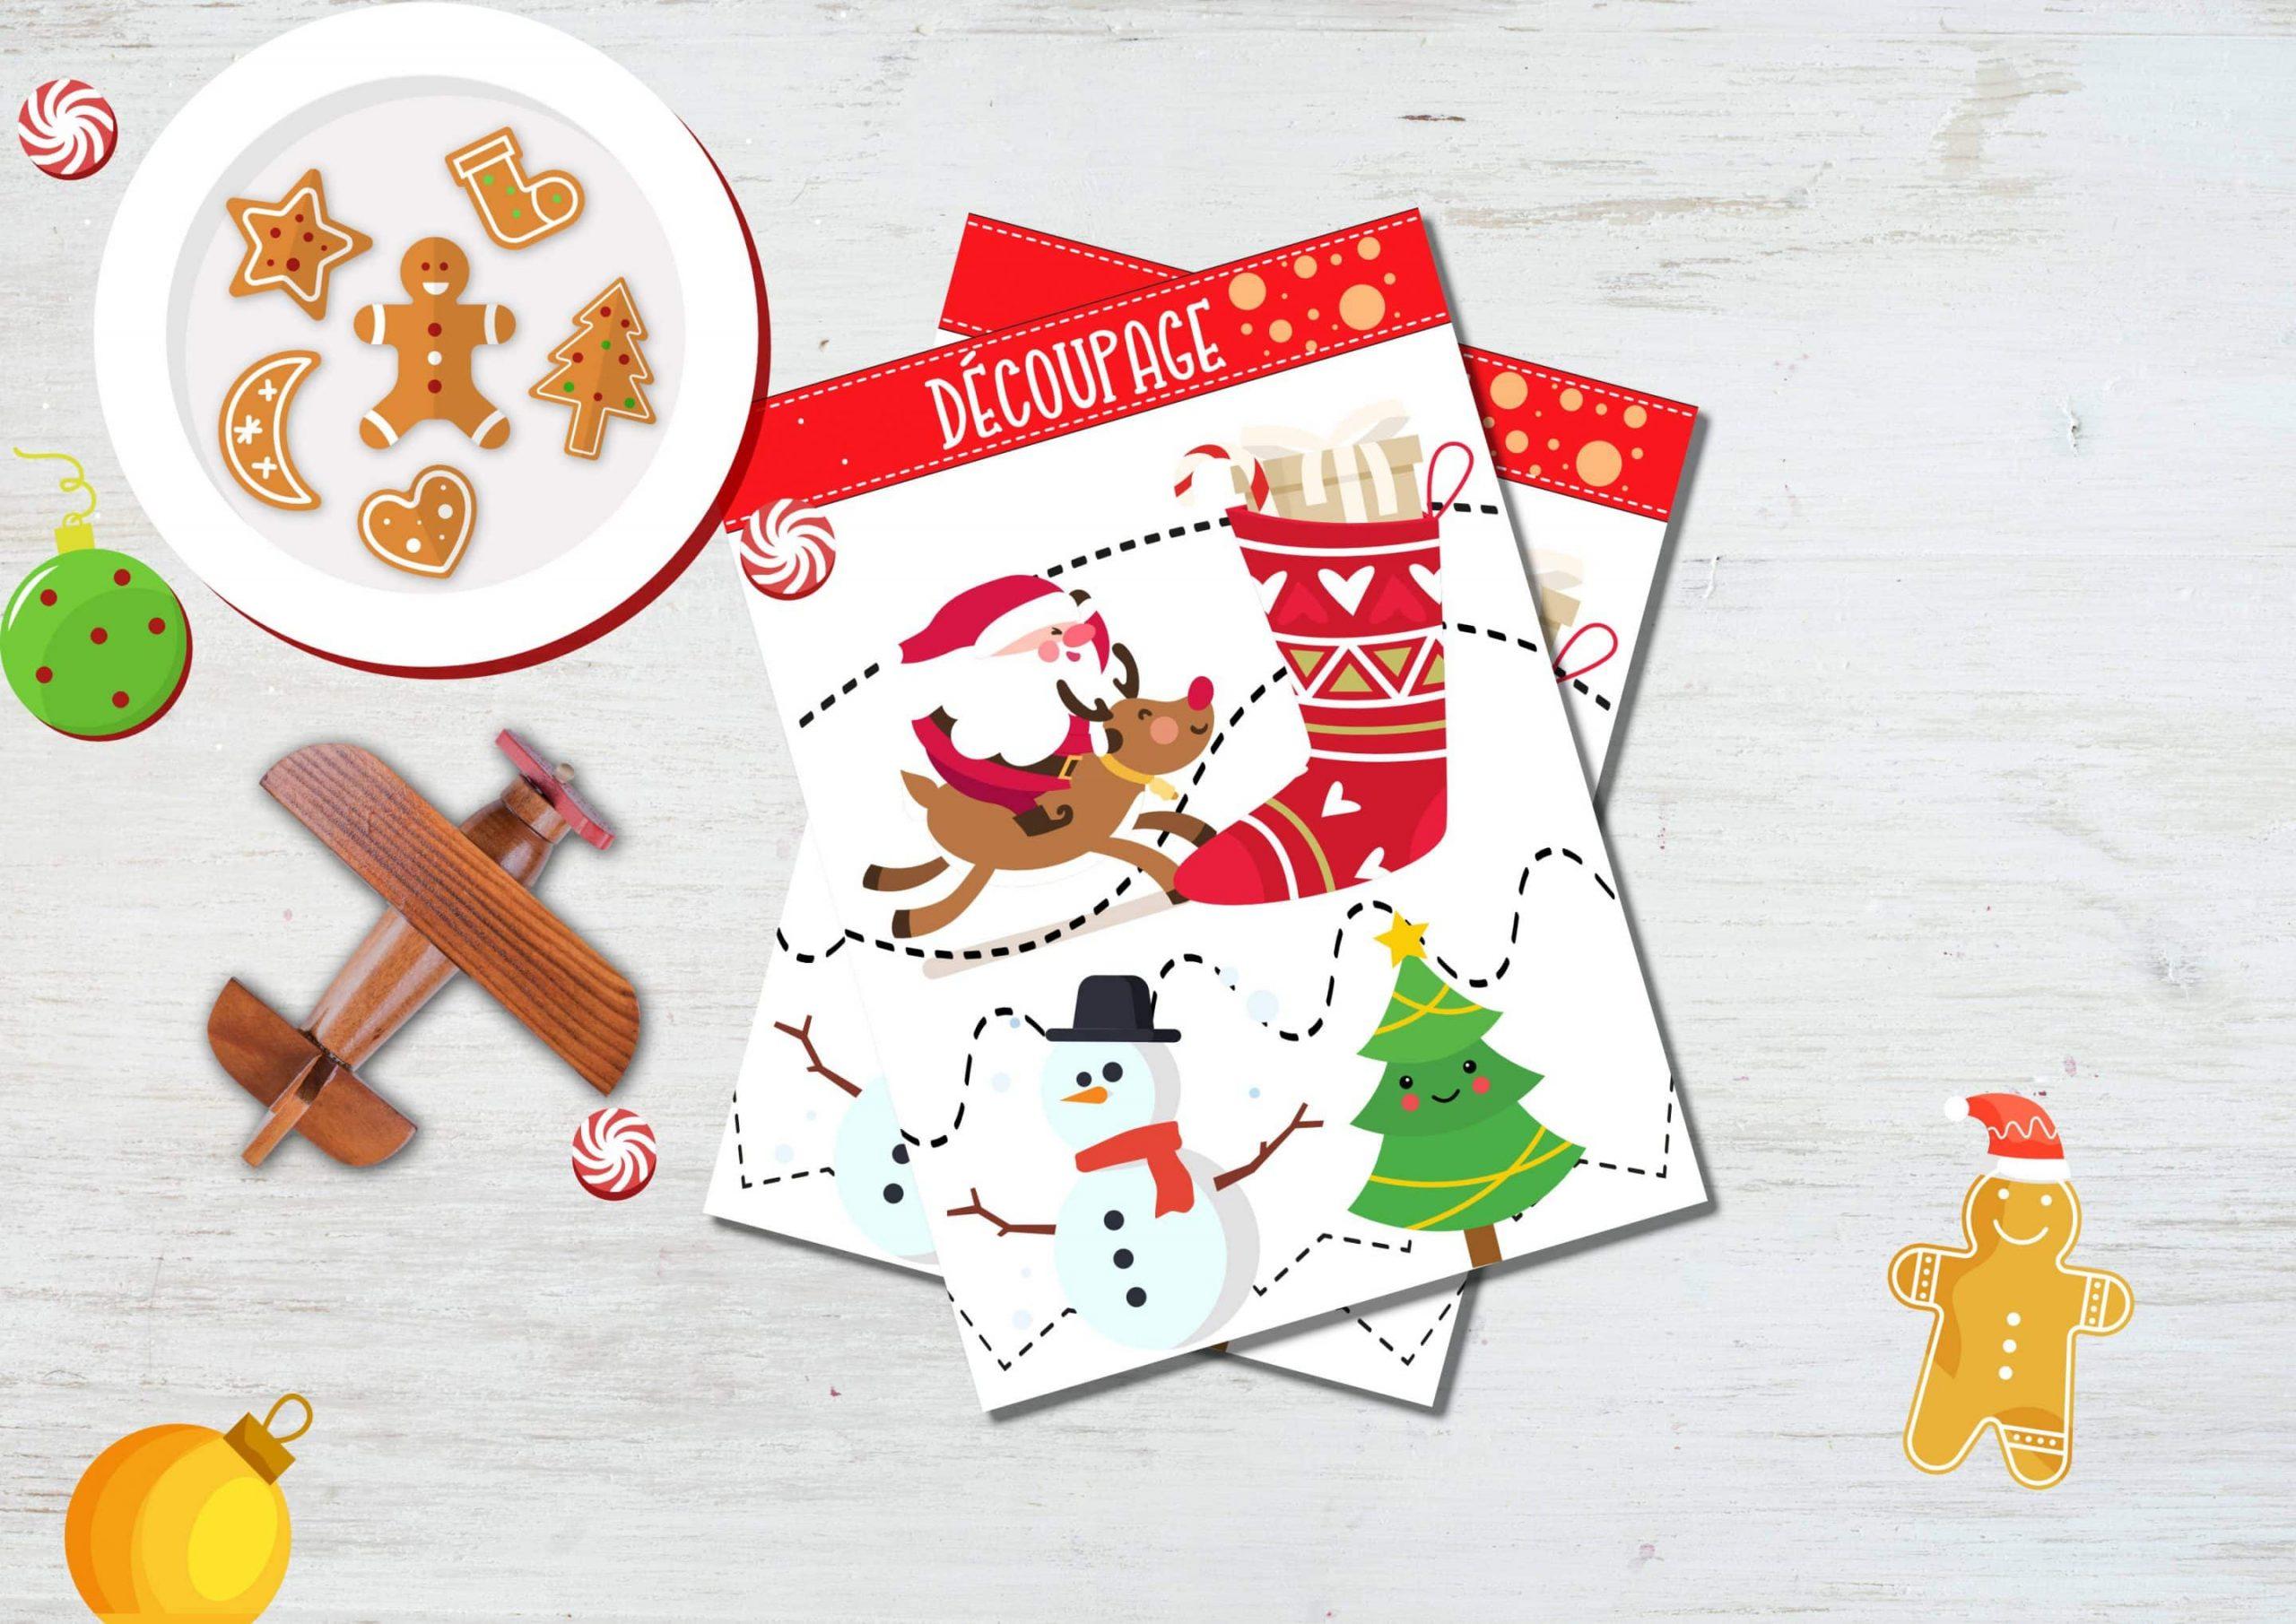 4 Feuilles De Découpage De Noël À Imprimer Gratuitement concernant Decoupage A Imprimer Gratuit